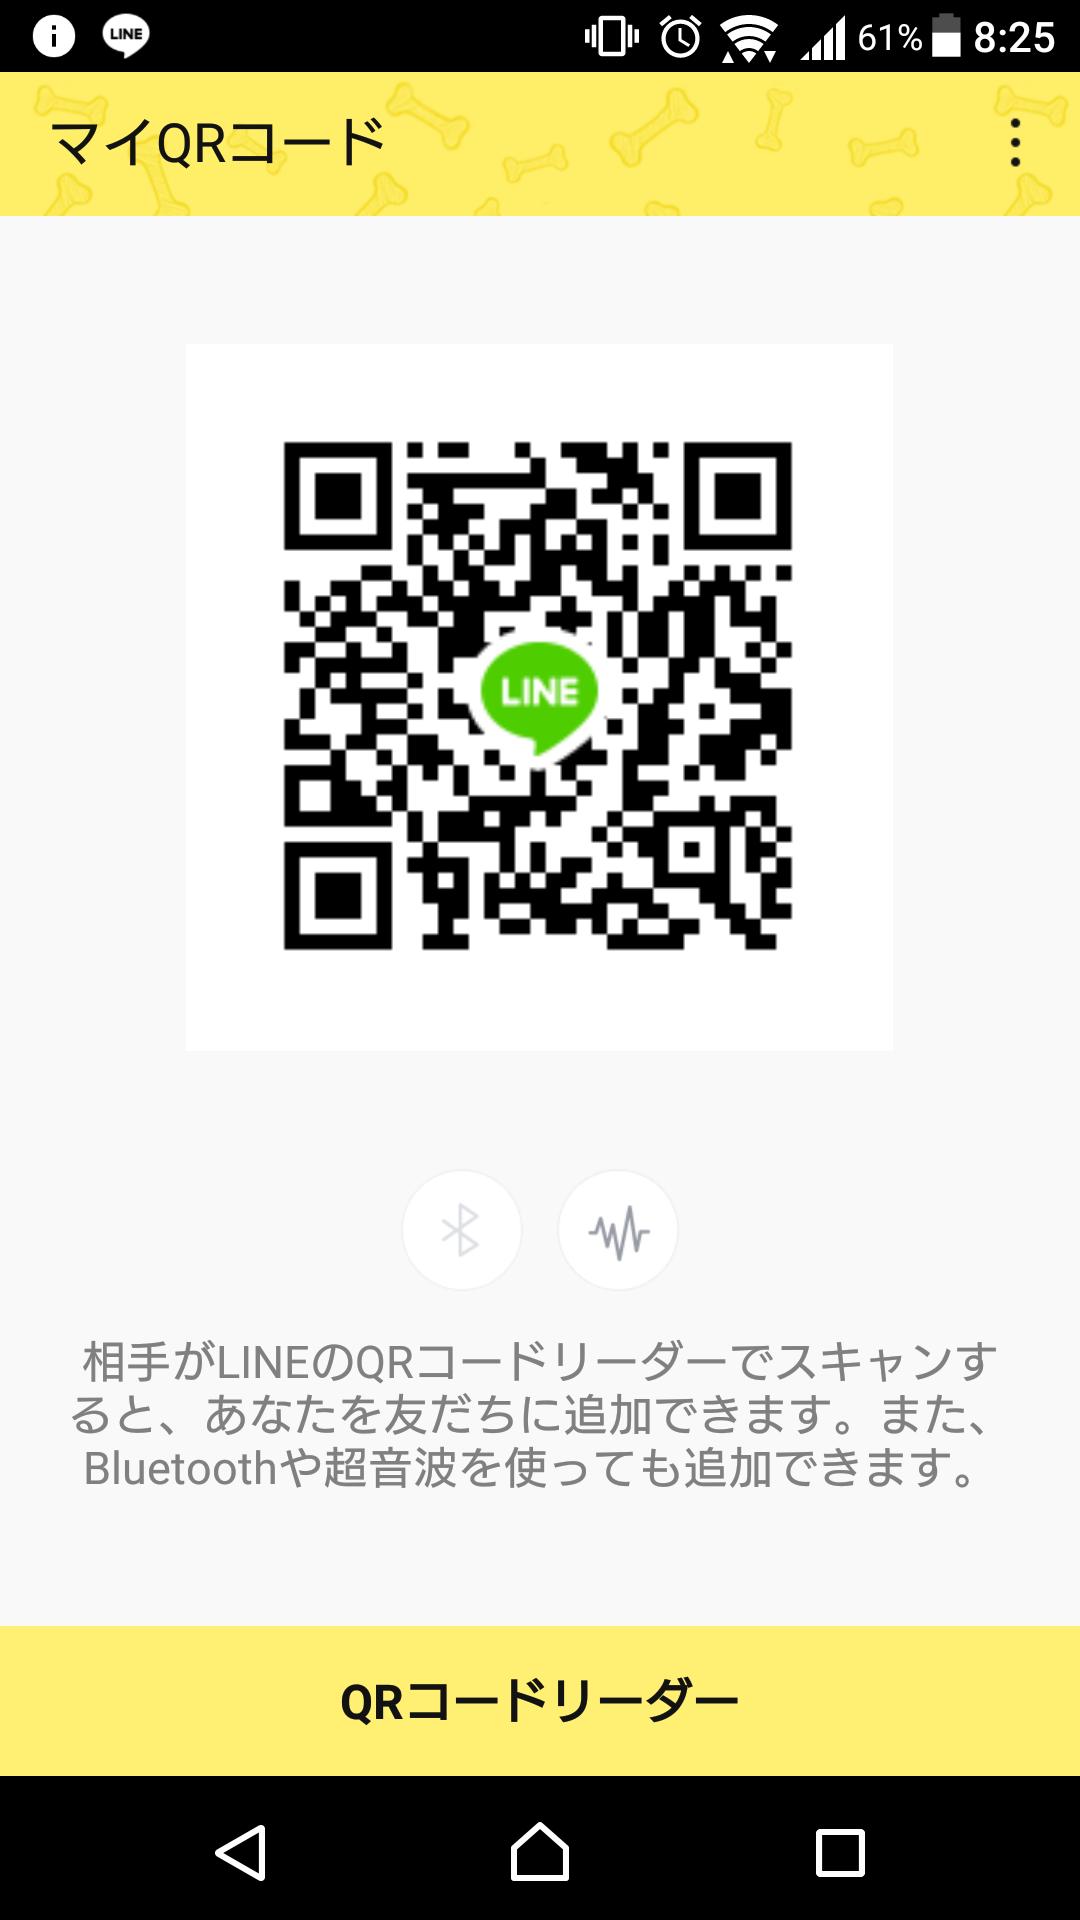 芹香さんのLINE QRコード